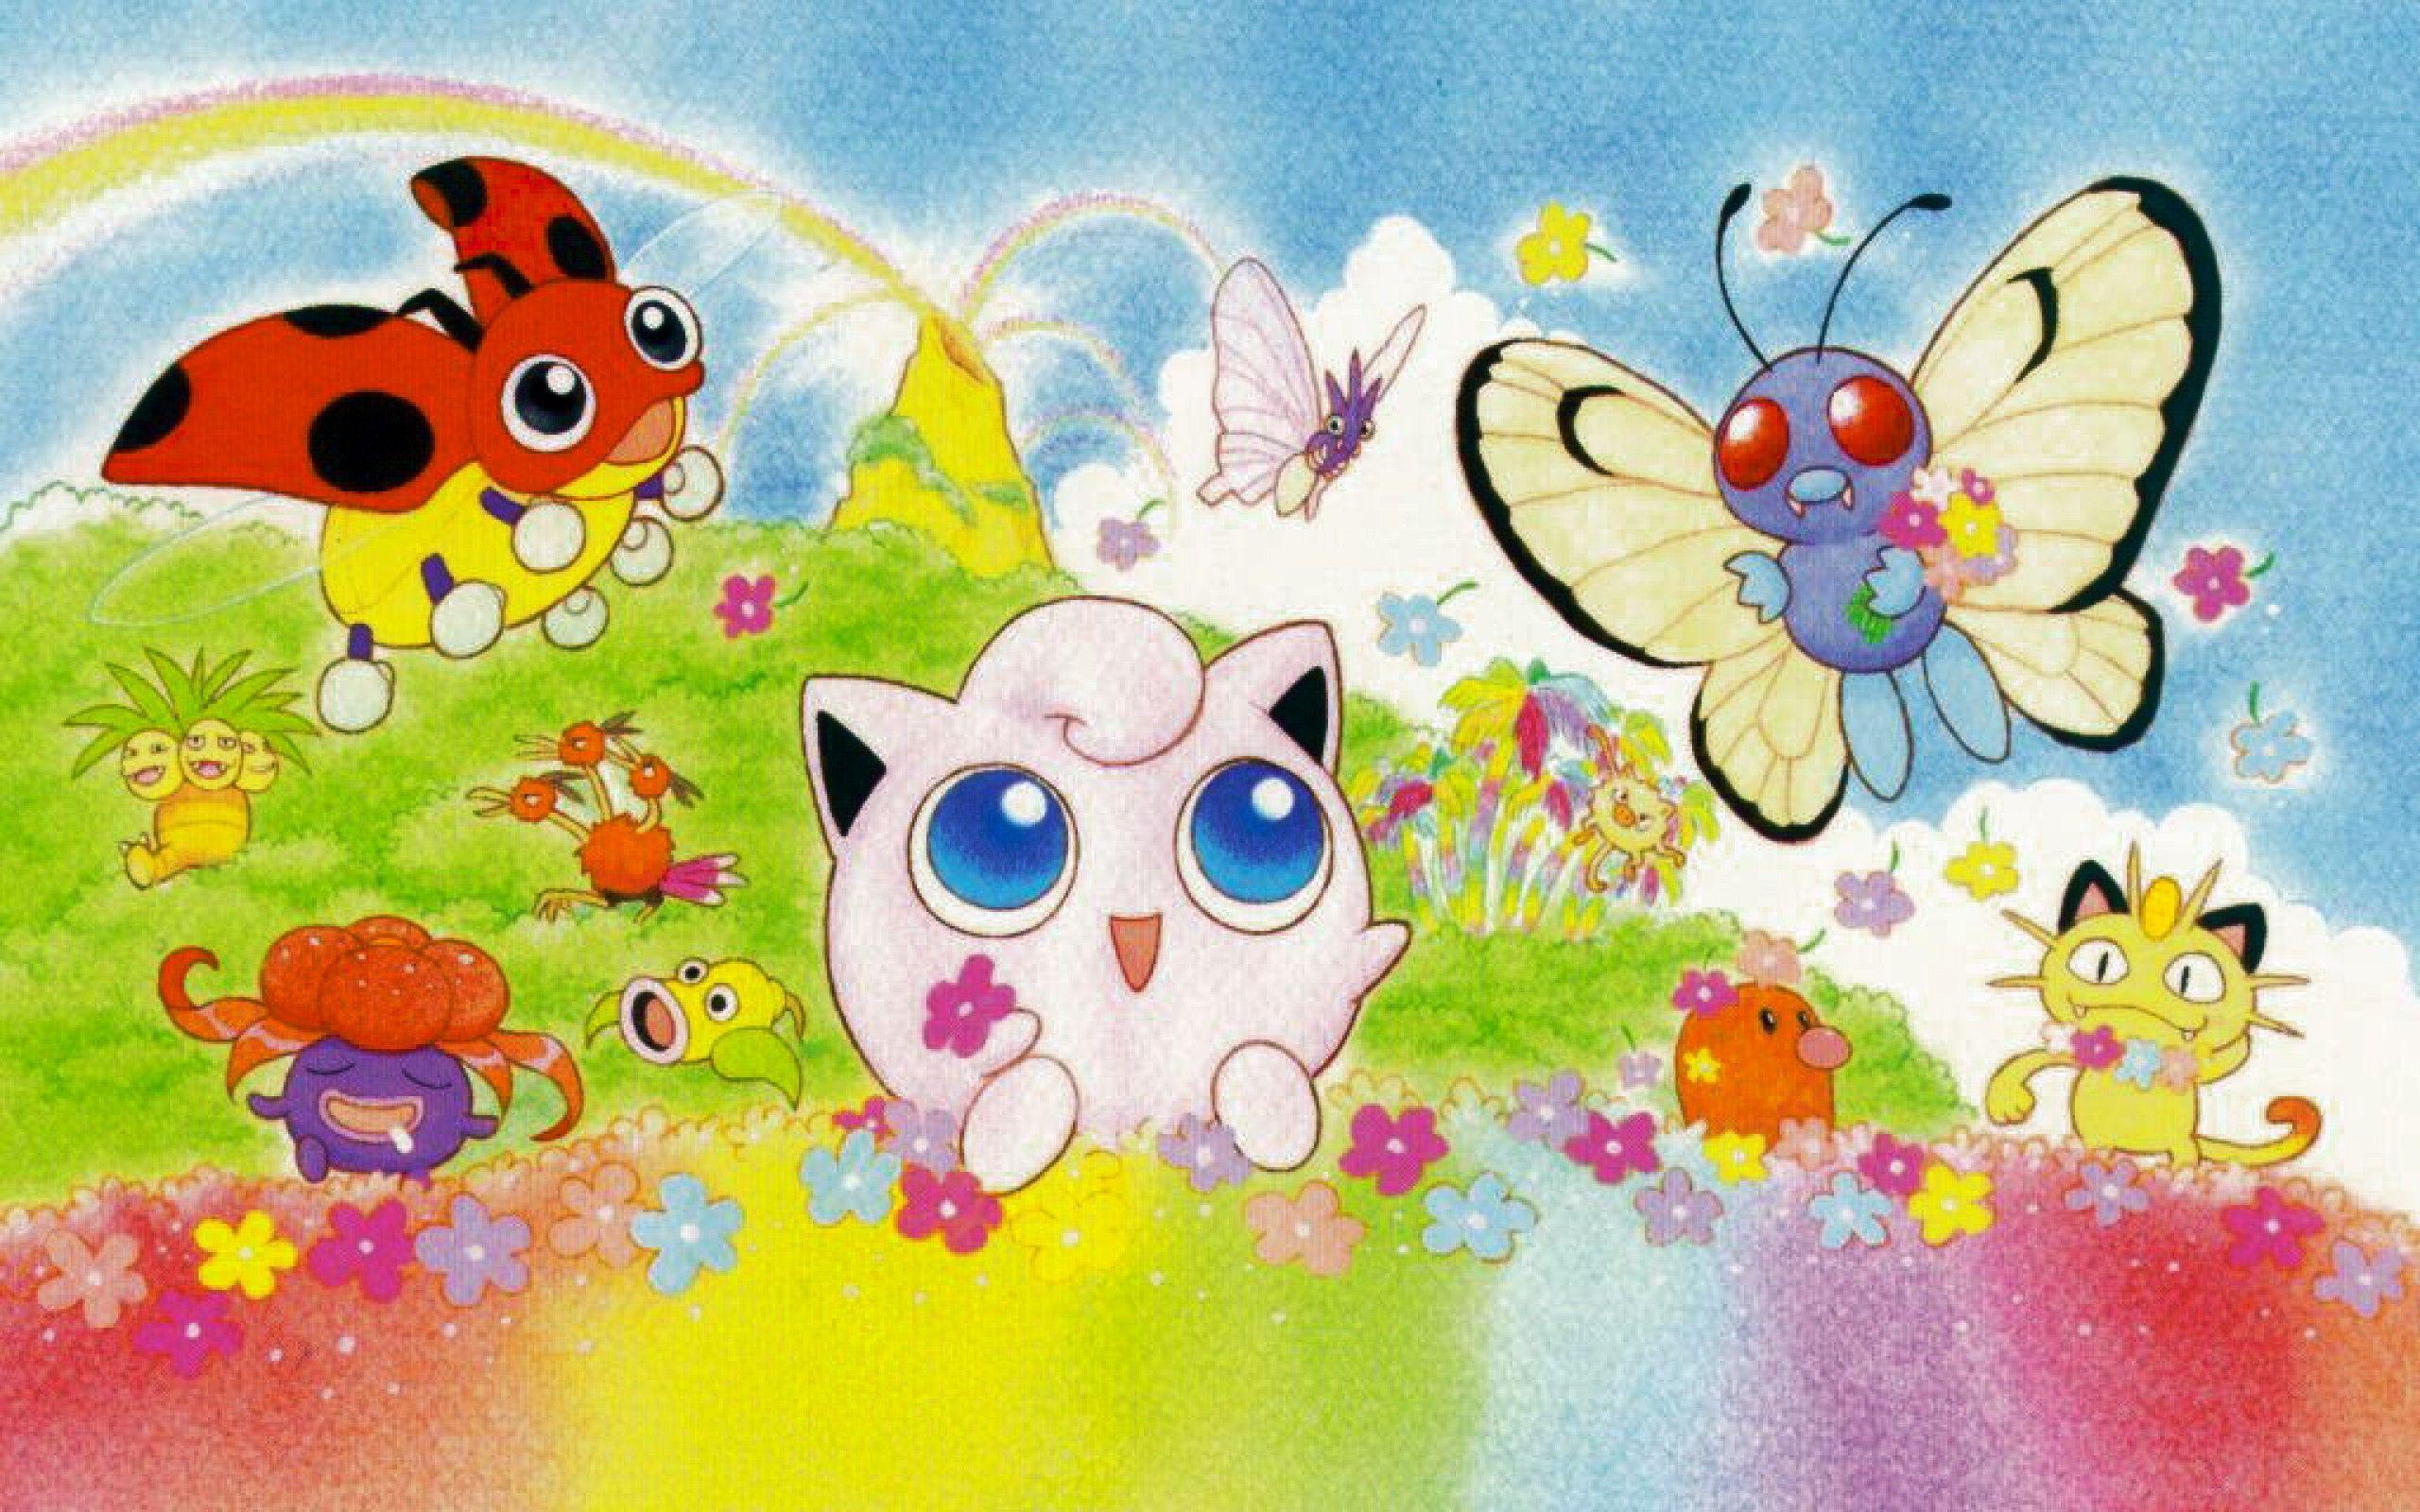 Pokemon wallpaper cute sf wallpaper cute pokemon wallpapers wallpaper cave voltagebd Choice Image